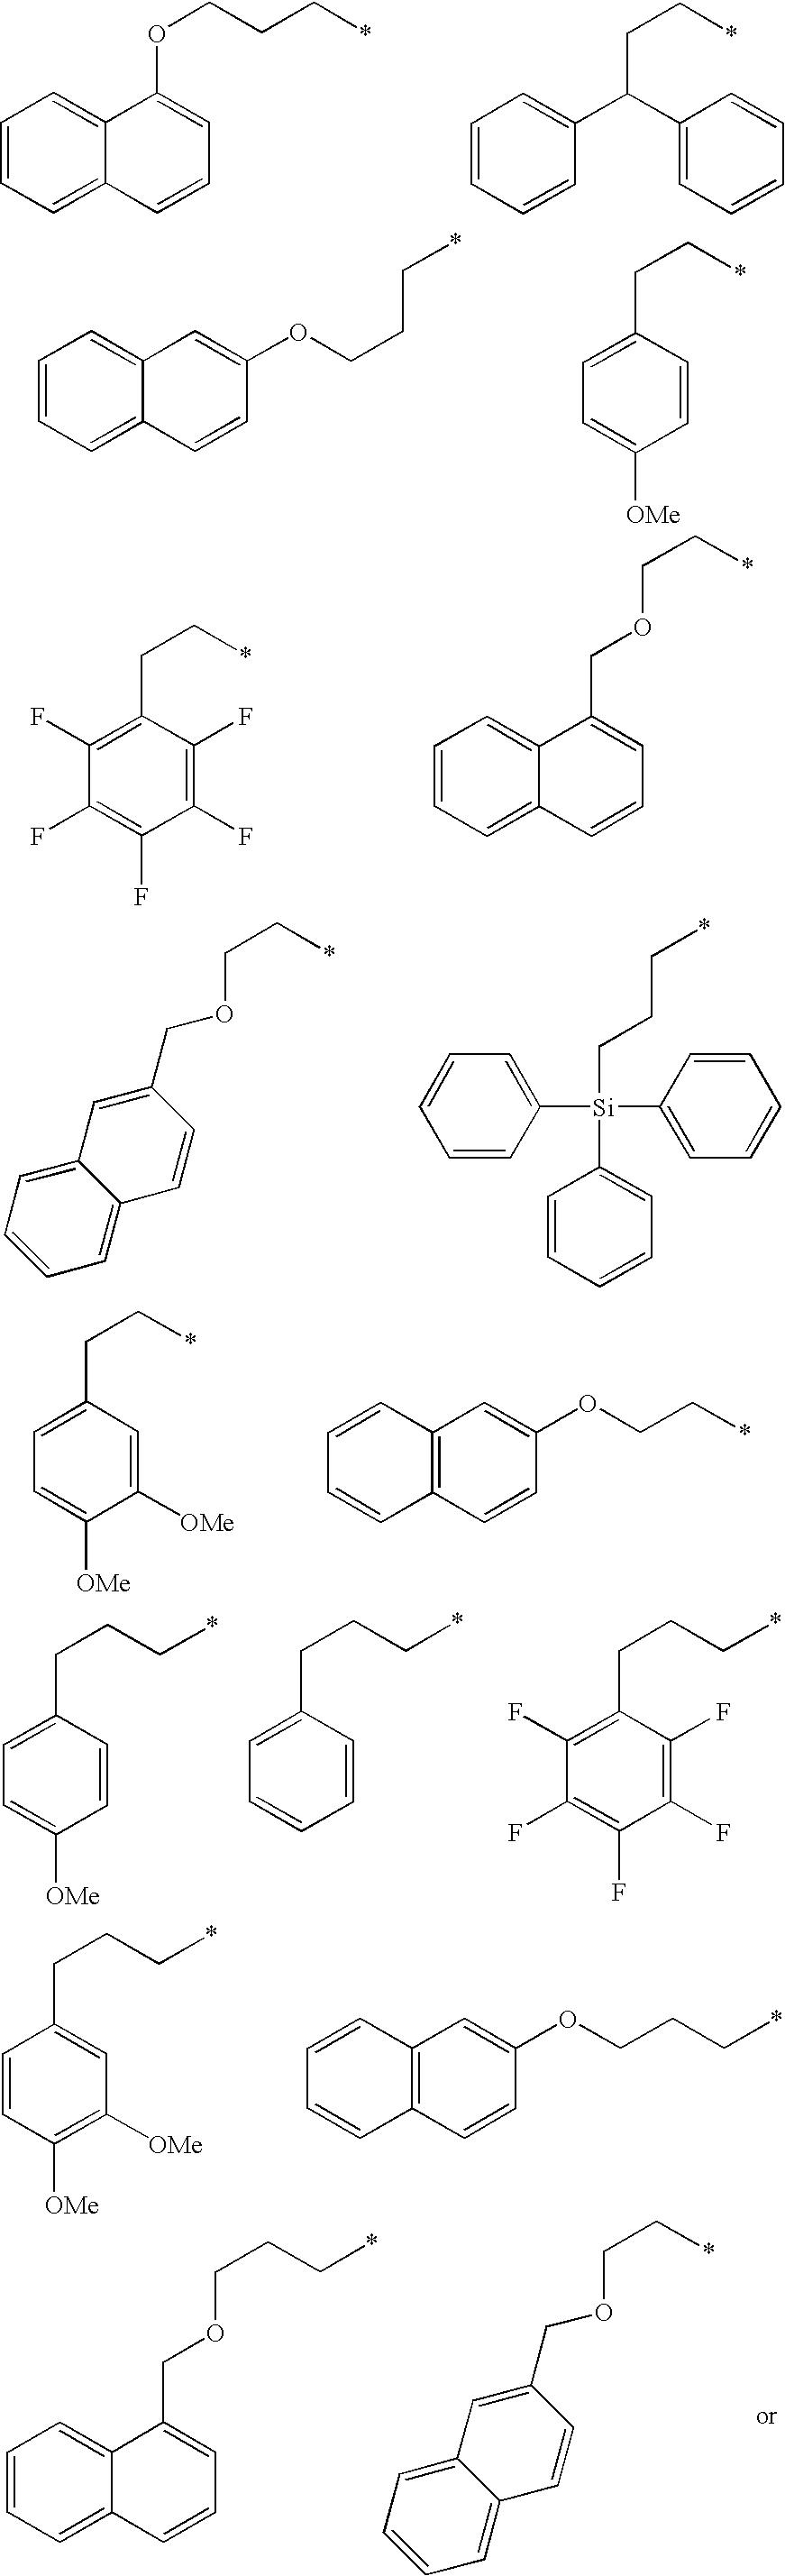 Figure US20040068077A1-20040408-C00013